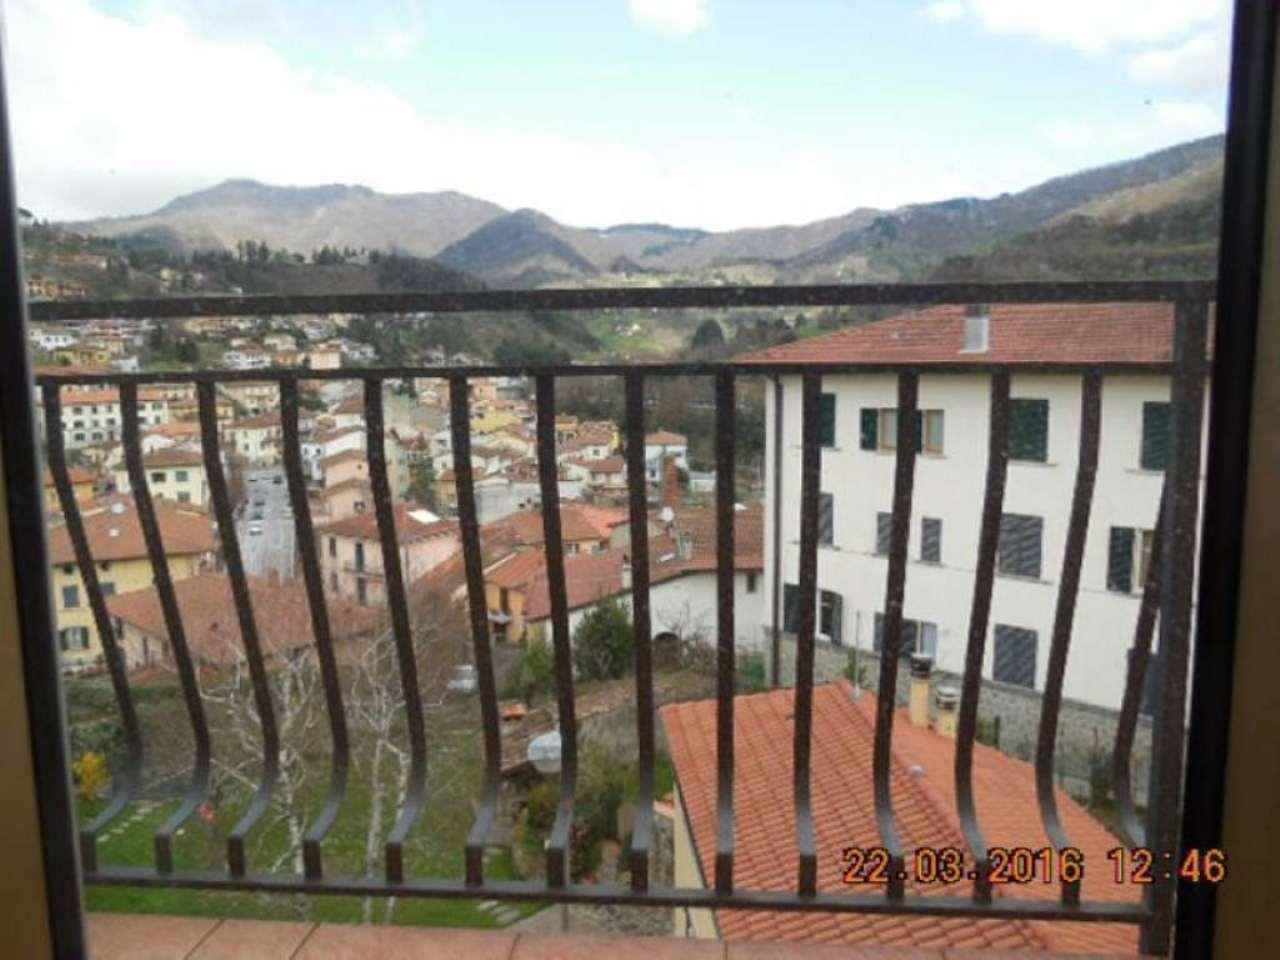 Appartamento in vendita a Vernio di 4 vani con garage soffitta e orto. Ultimo piano